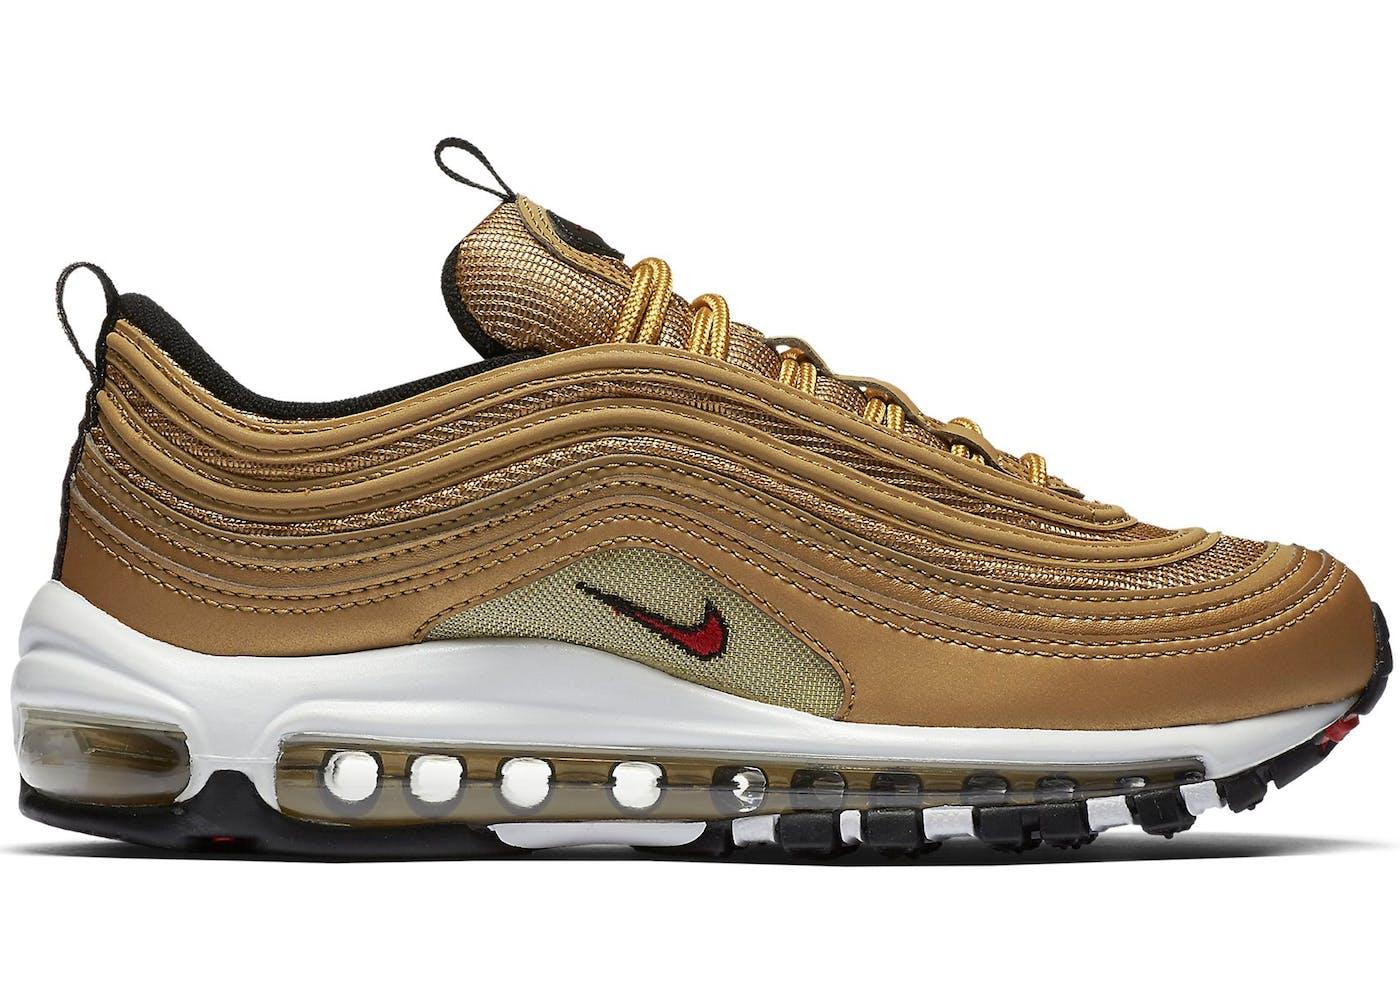 7cc9835529 Nike Air Max 97 Metallic Gold